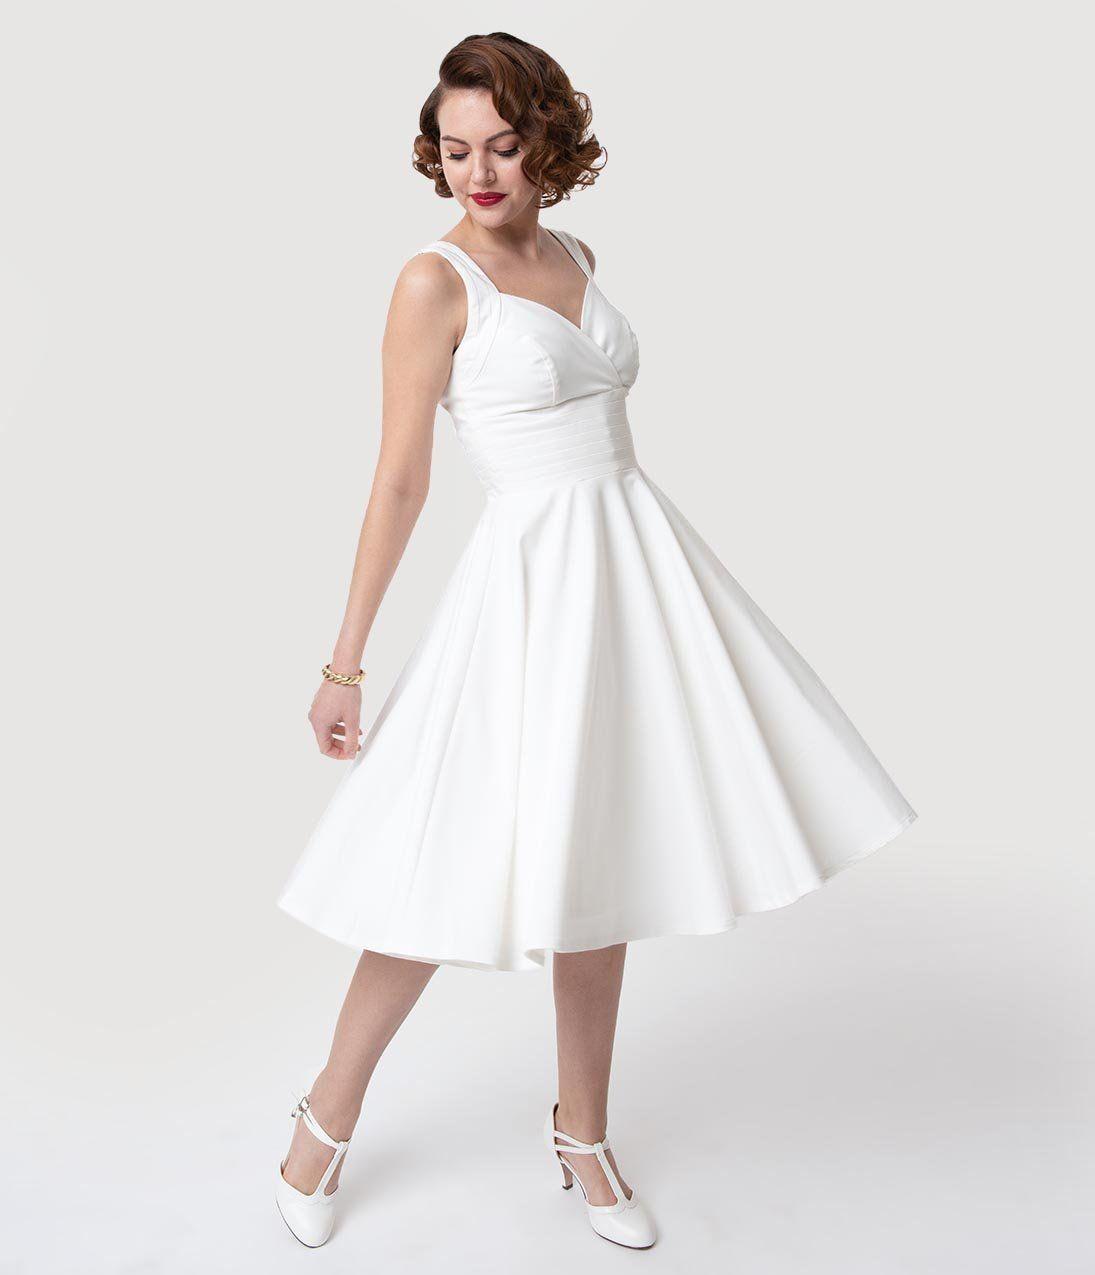 Pin On Dress [ 1275 x 1095 Pixel ]